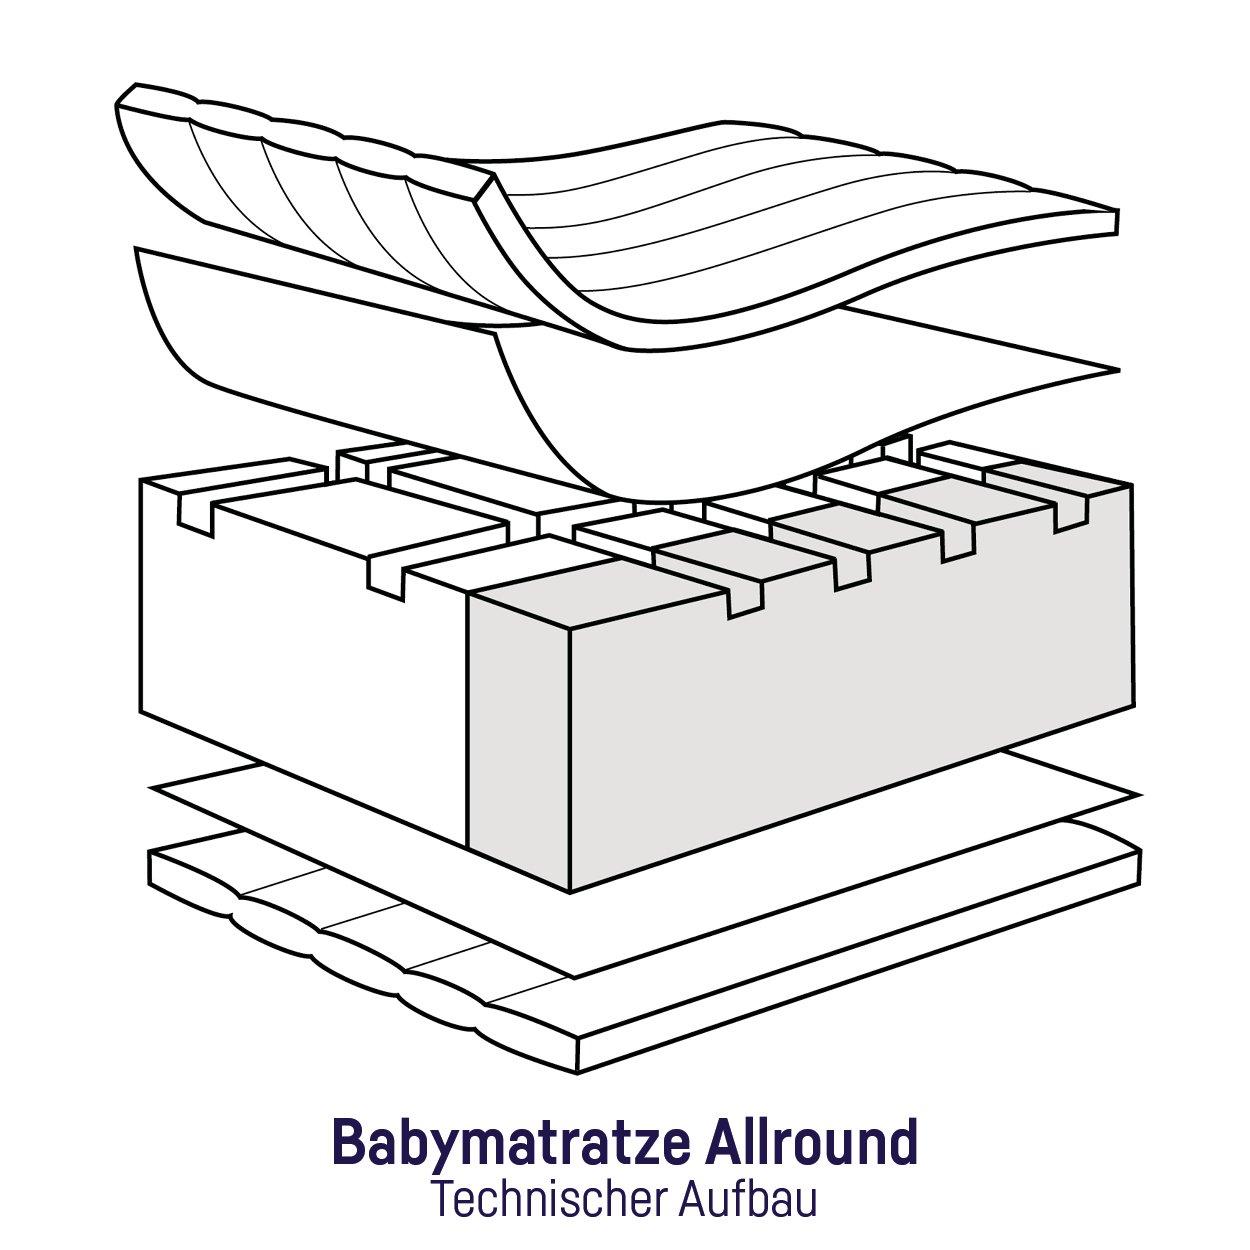 Die einzelen Lagen der Babymatratze 7350200000 Air Allround von Zöllner